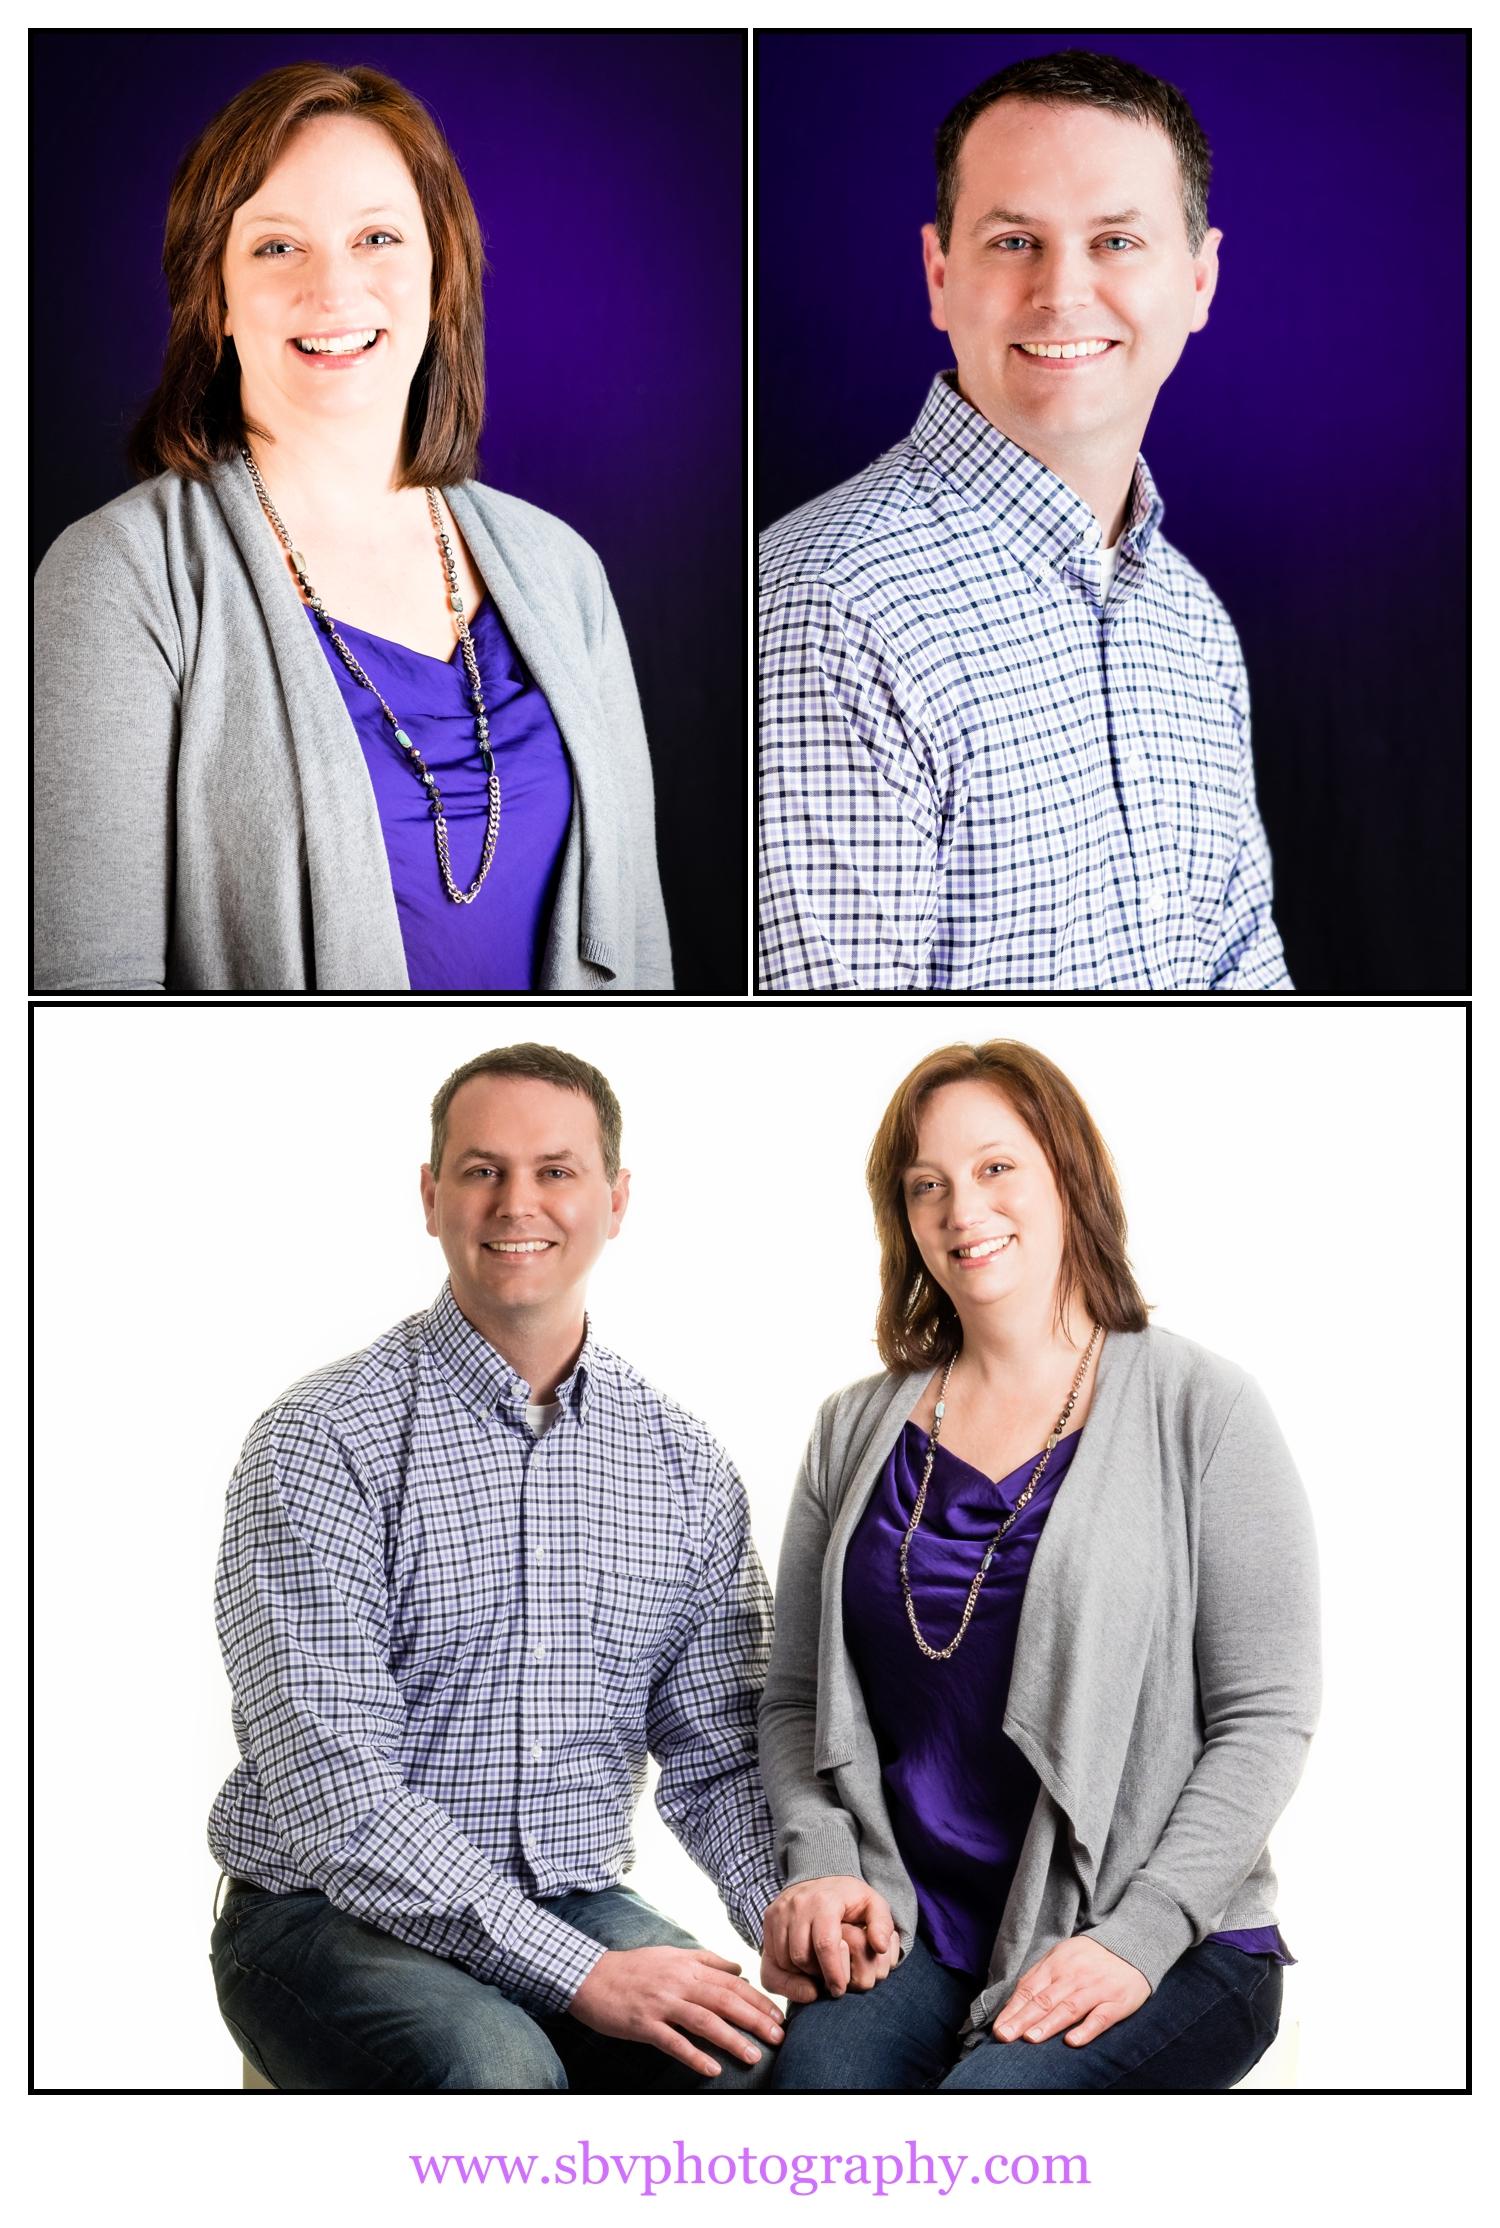 Studio business portraits for Embrace Parent Coaching